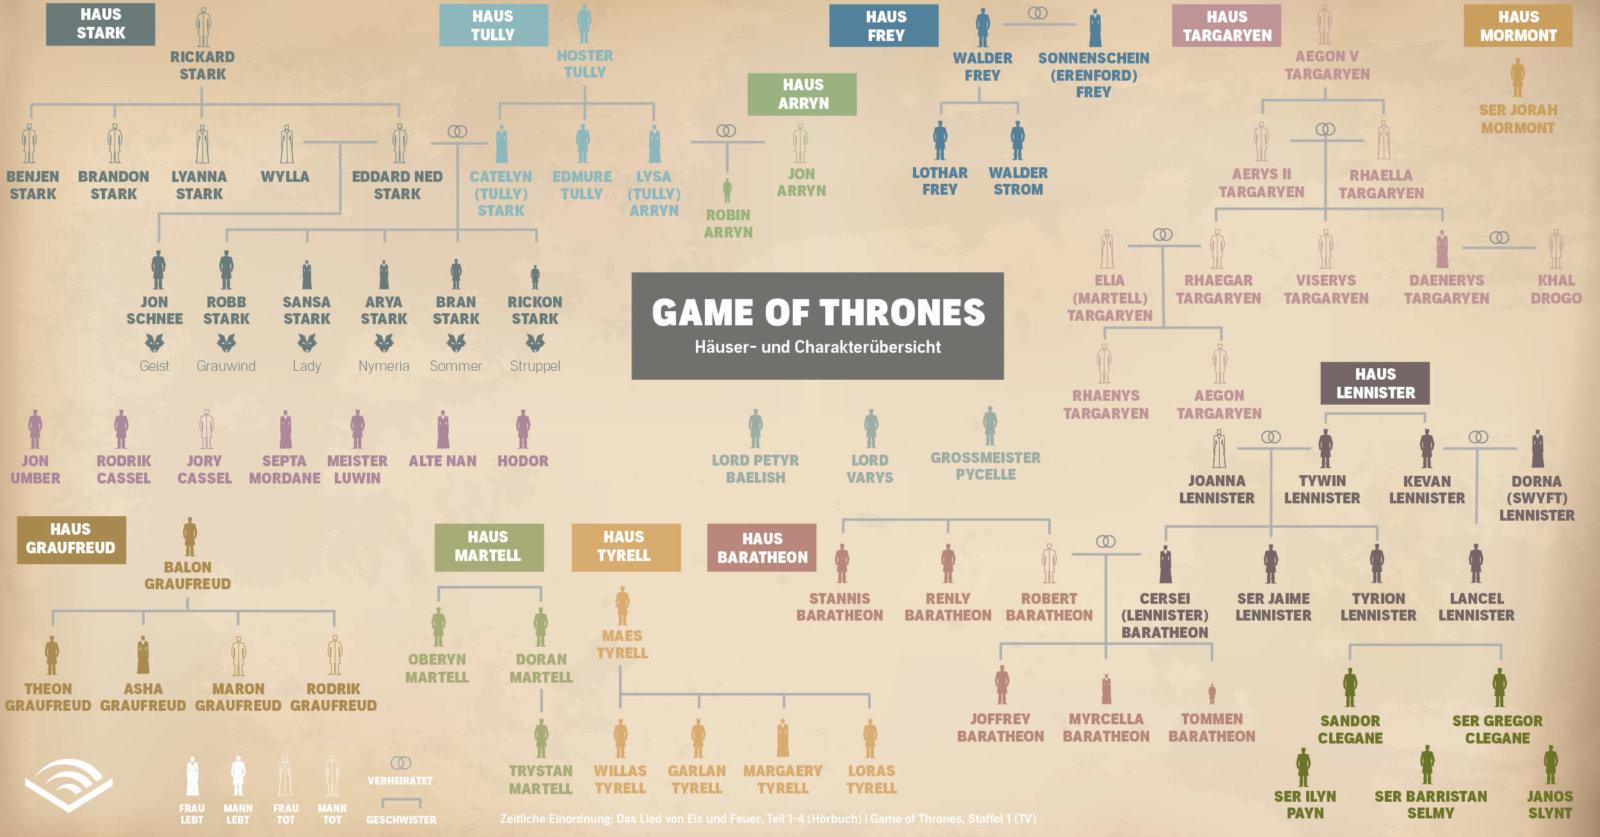 Übersicht über die Häuser und Charaktere von Westeros, der Welt von Game of Thrones. (© Audible Magazin)